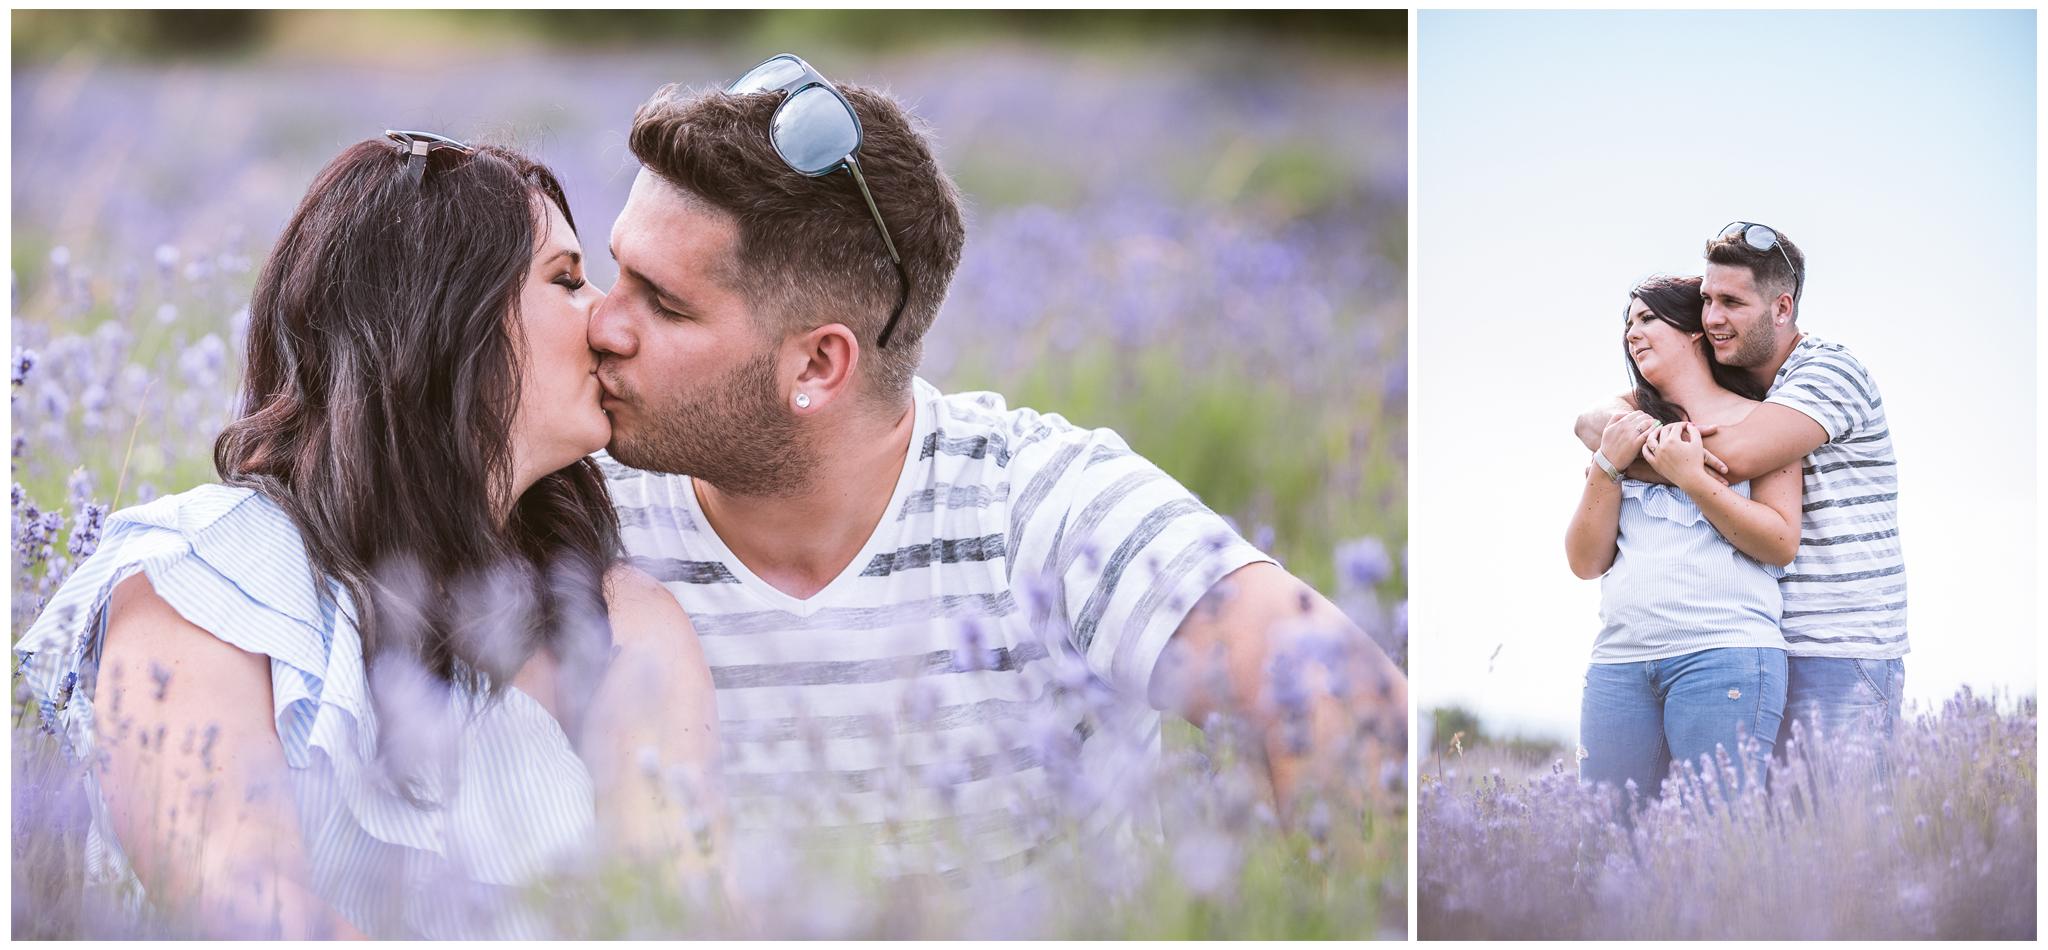 FylepPhoto, esküvőfotózás, magyarország, esküvői fotós, vasmegye, prémium, jegyesfotózás, Fülöp Péter, körmend, kreatív 02.jpg